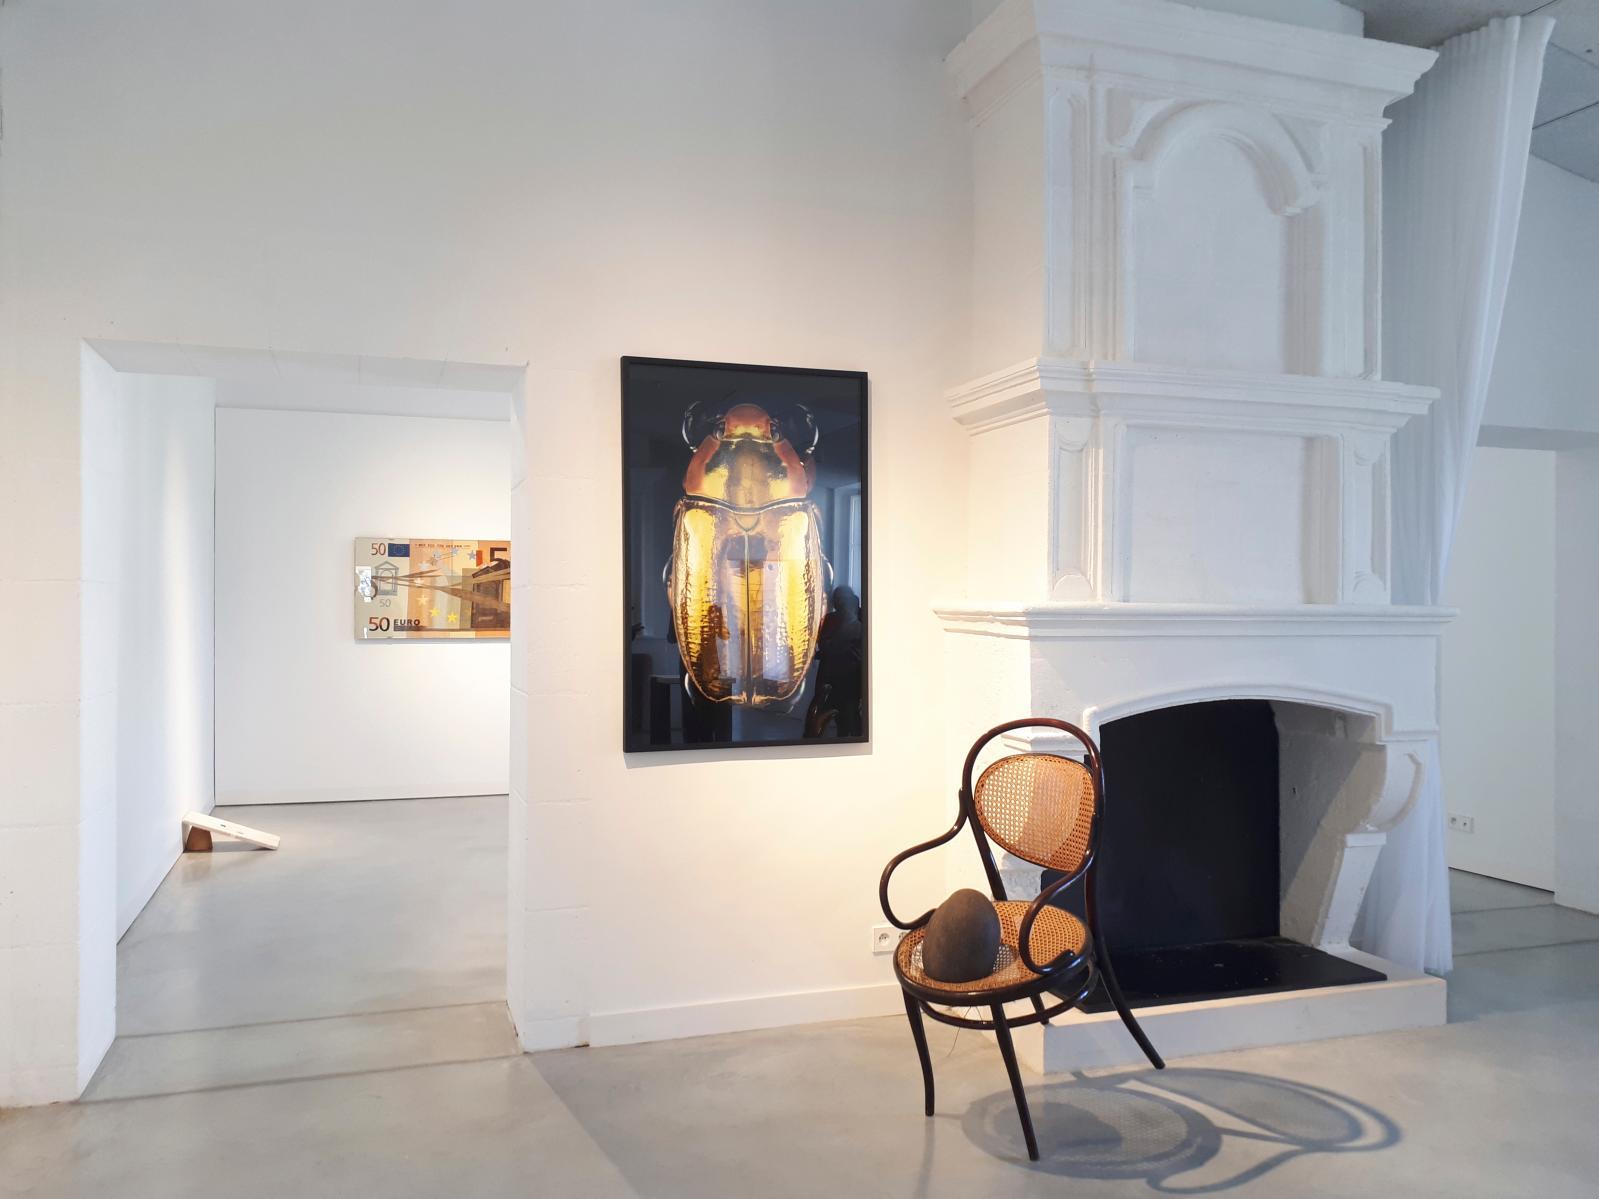 Vue de l'exposition «Nature morte, ou le préfixe conceptuel de l'art romantique», présentée dans les espaces du centre d'art.